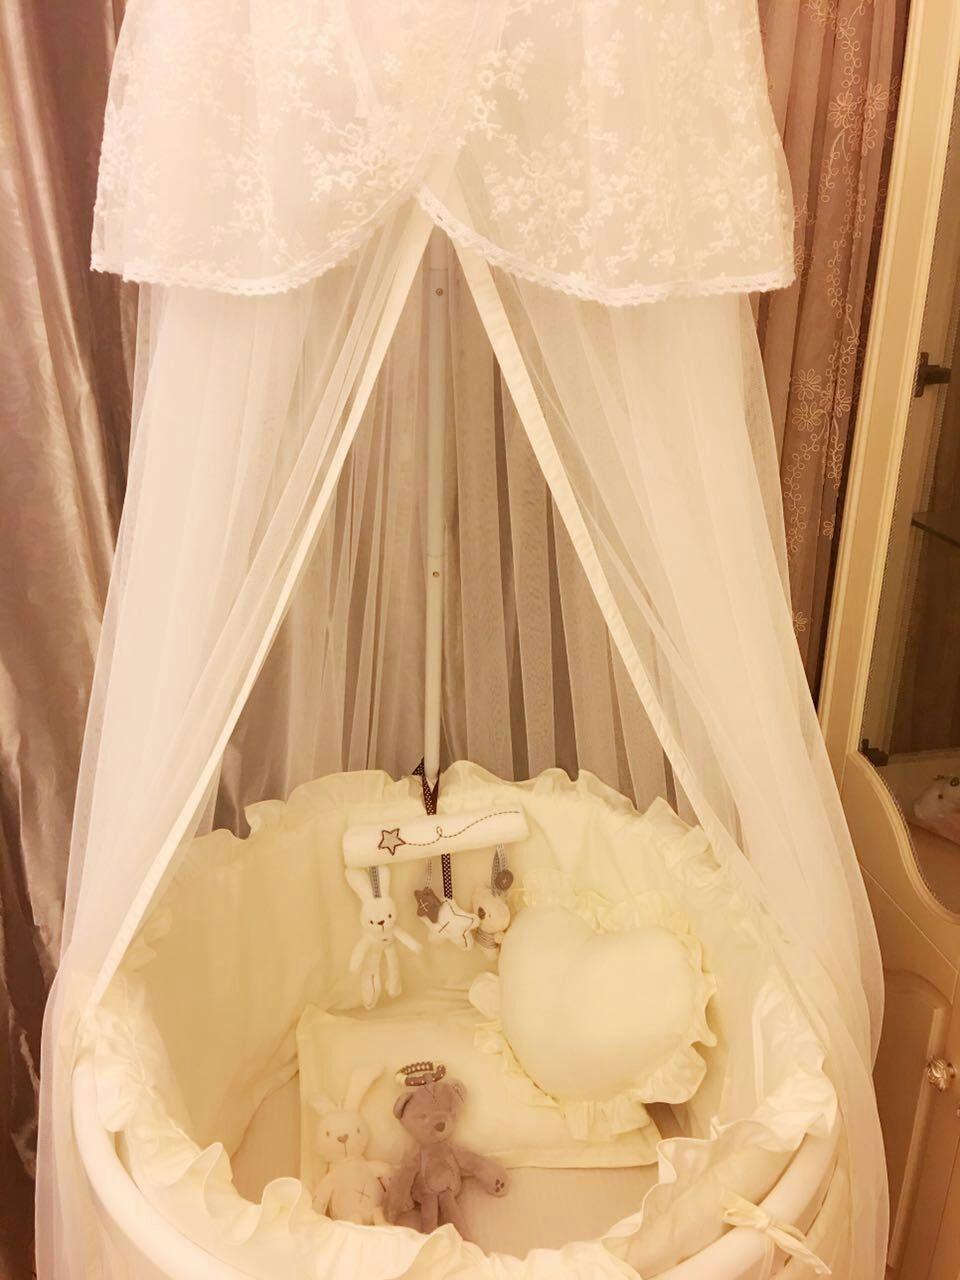 Σχέδιο μωρό στρωμνής καθαρό ύφασμα γύρω από το κρεβάτι Βαμβάκι Βαμβάκι κρεβάτι γύρω από το κρεβάτι. - το μωρό ελλειπτική κρεβάτι αγαθών